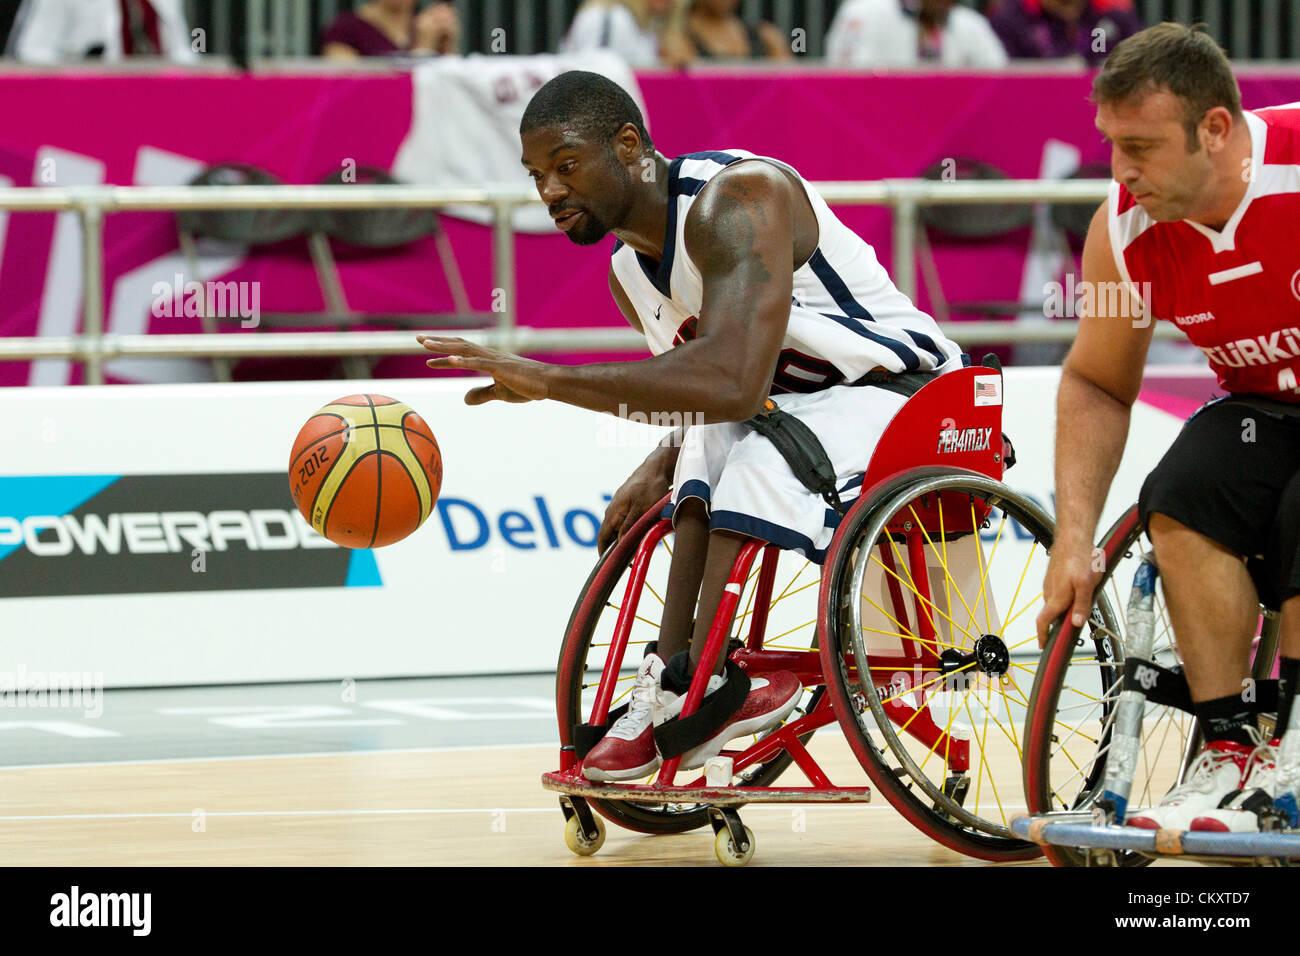 USA's Matt Scott dribbles cour vers le bas contre la Turquie (rouge)dans un match de basketball en fauteuil Photo Stock